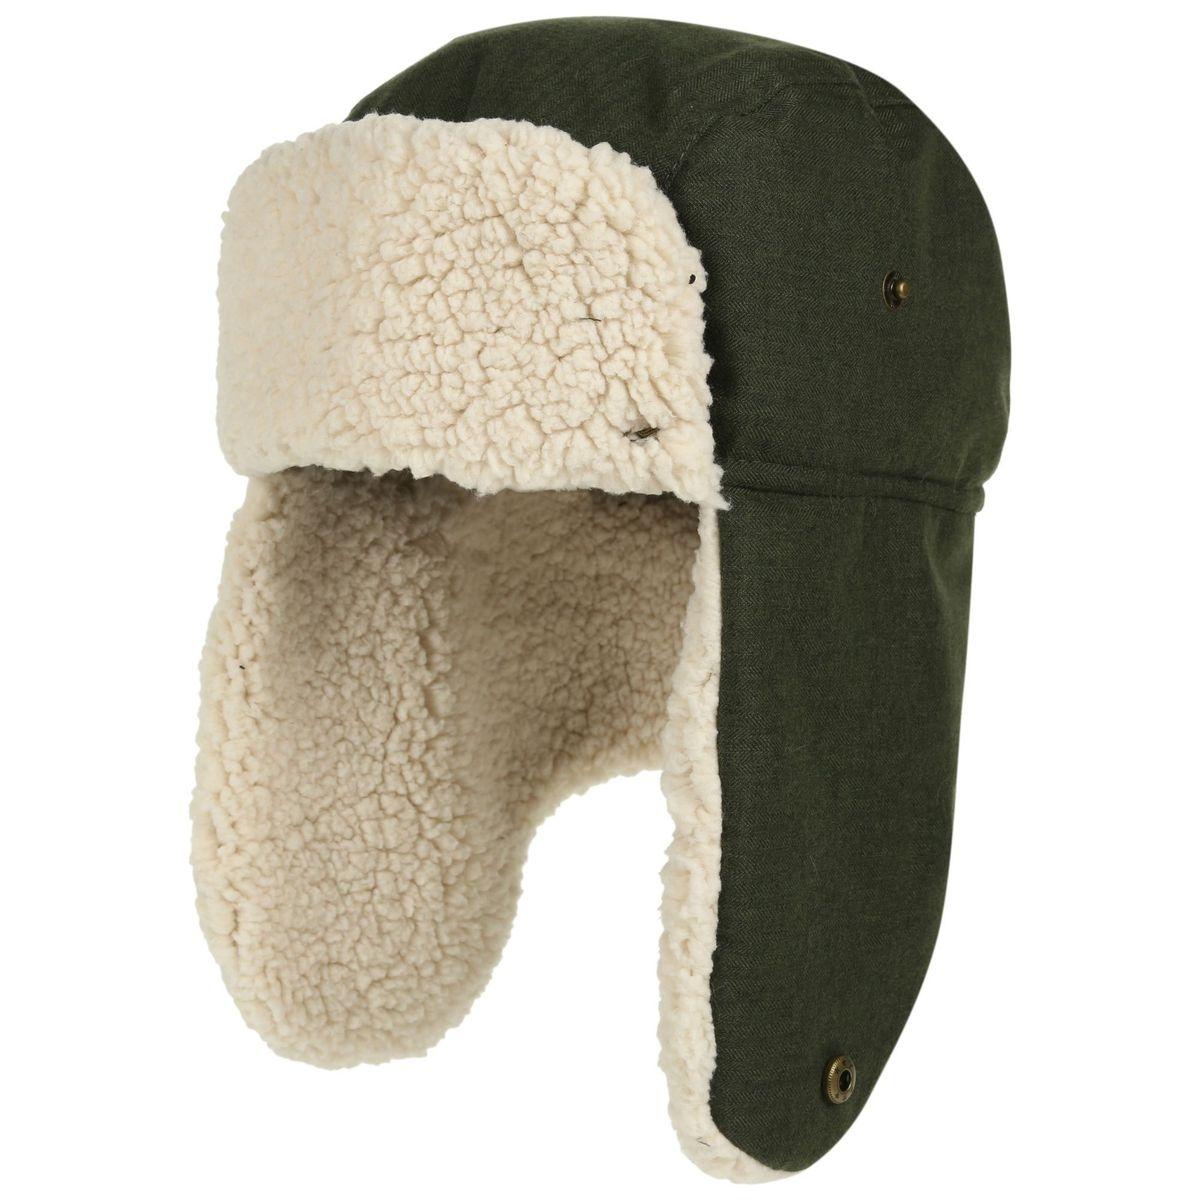 Chapeaux d'hivert